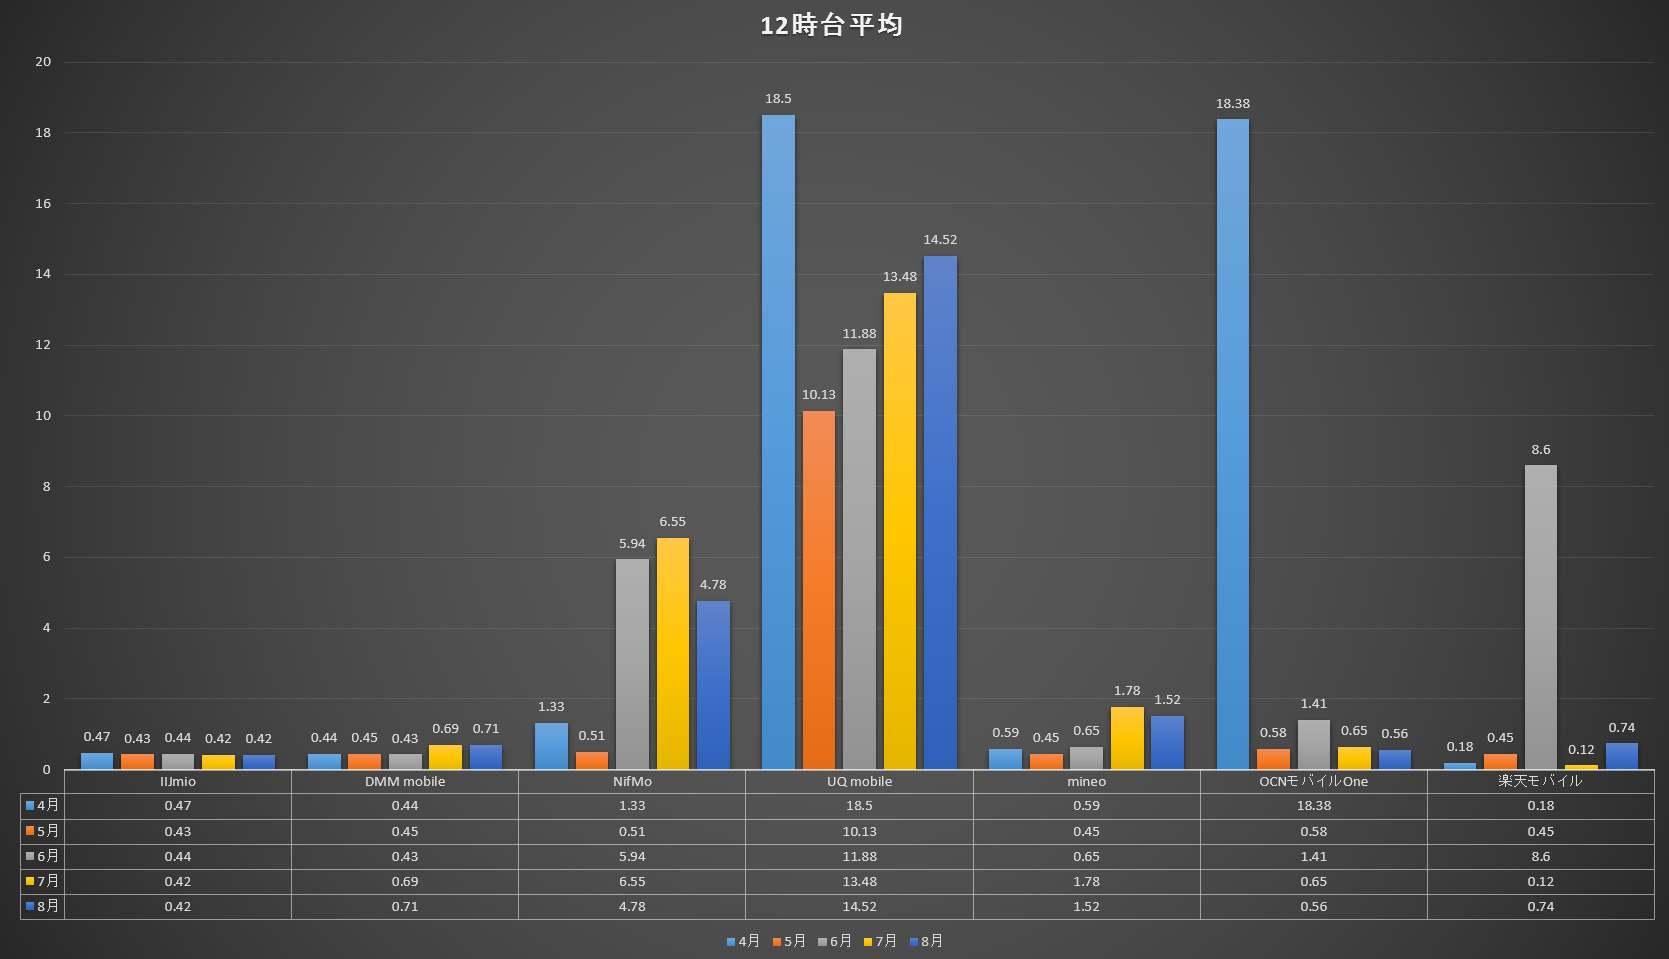 12時台 5ヶ月間 7社の速度比較